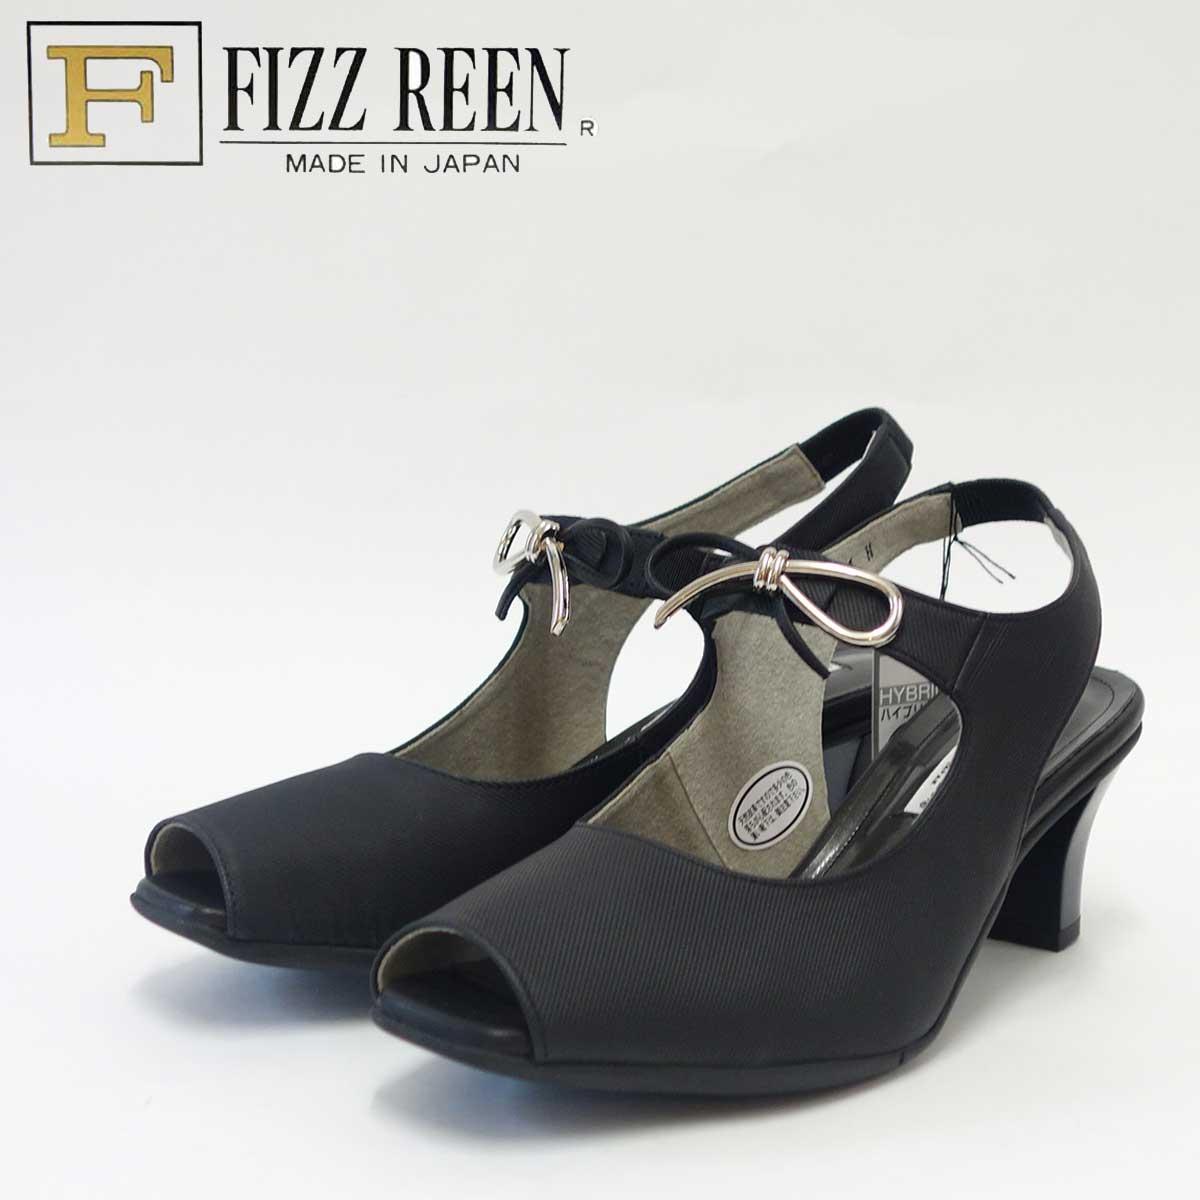 (レディース) スタイリッシュな快適EEEパンプスソフトな天然皮革で優しくフィット ブラック フィズリーン FIZZ REEN 5772 「靴」